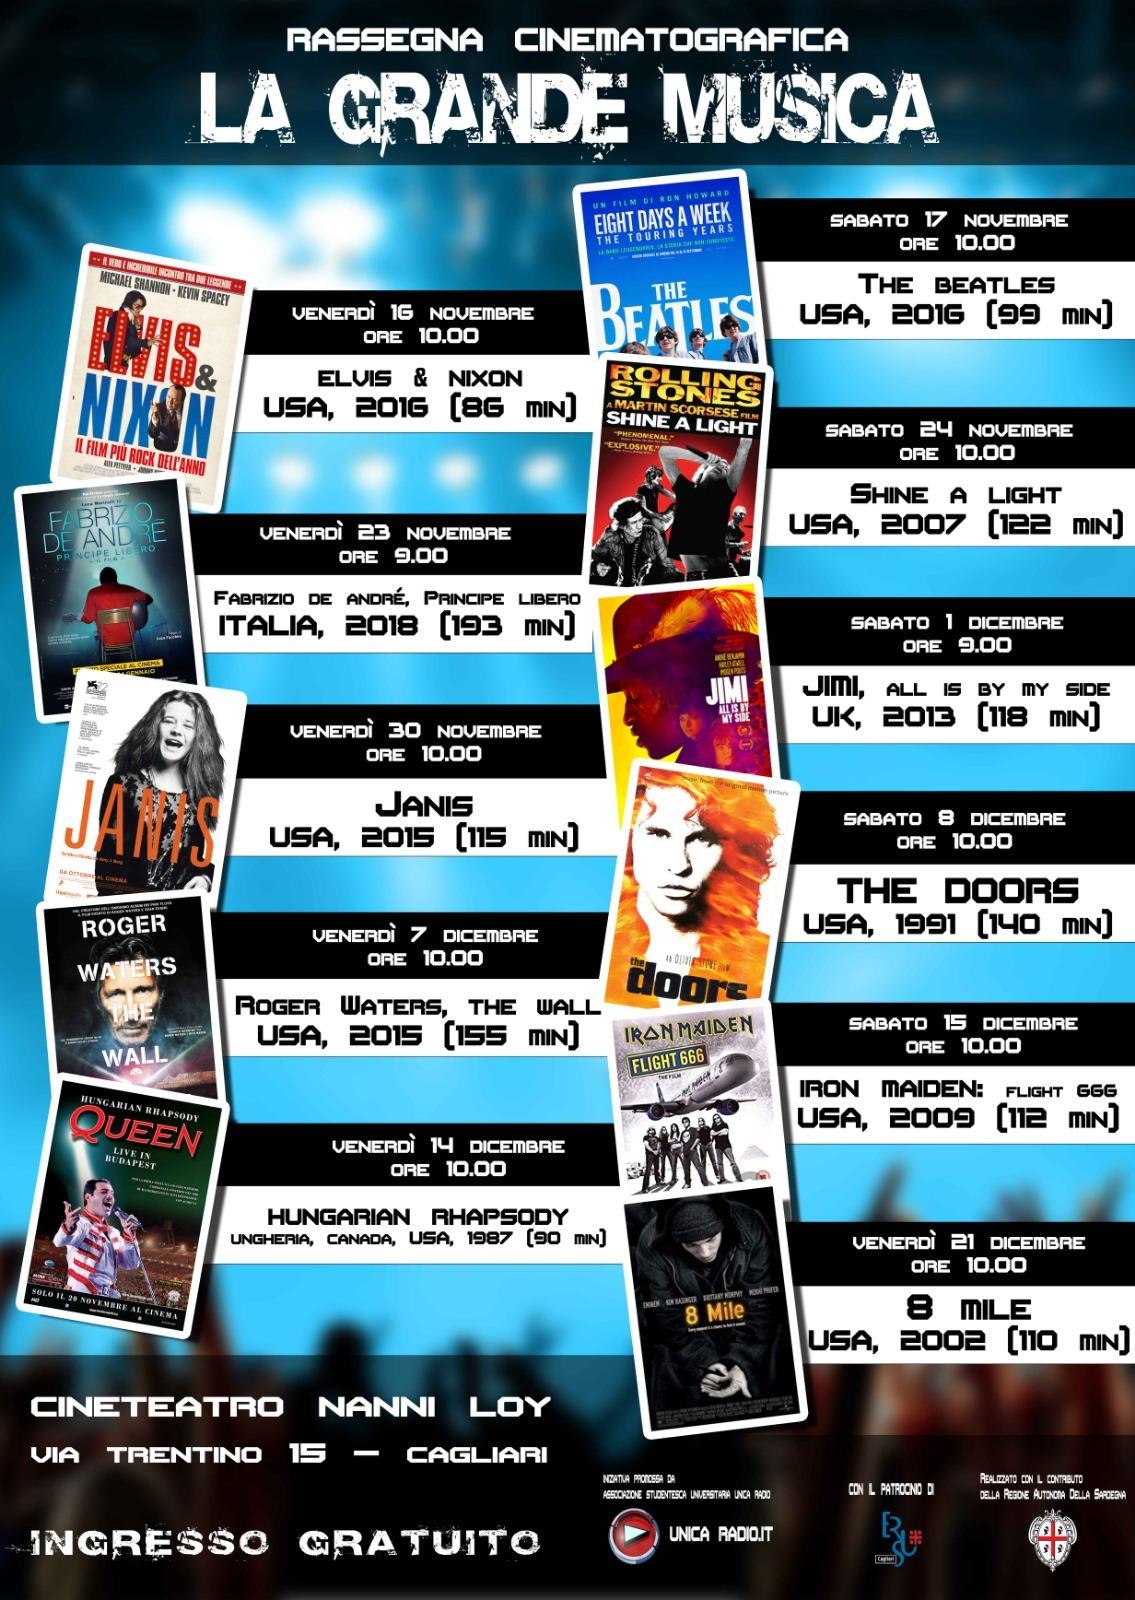 Locandina Rassegna La grande musica al Cine-teatro Nanni Loy